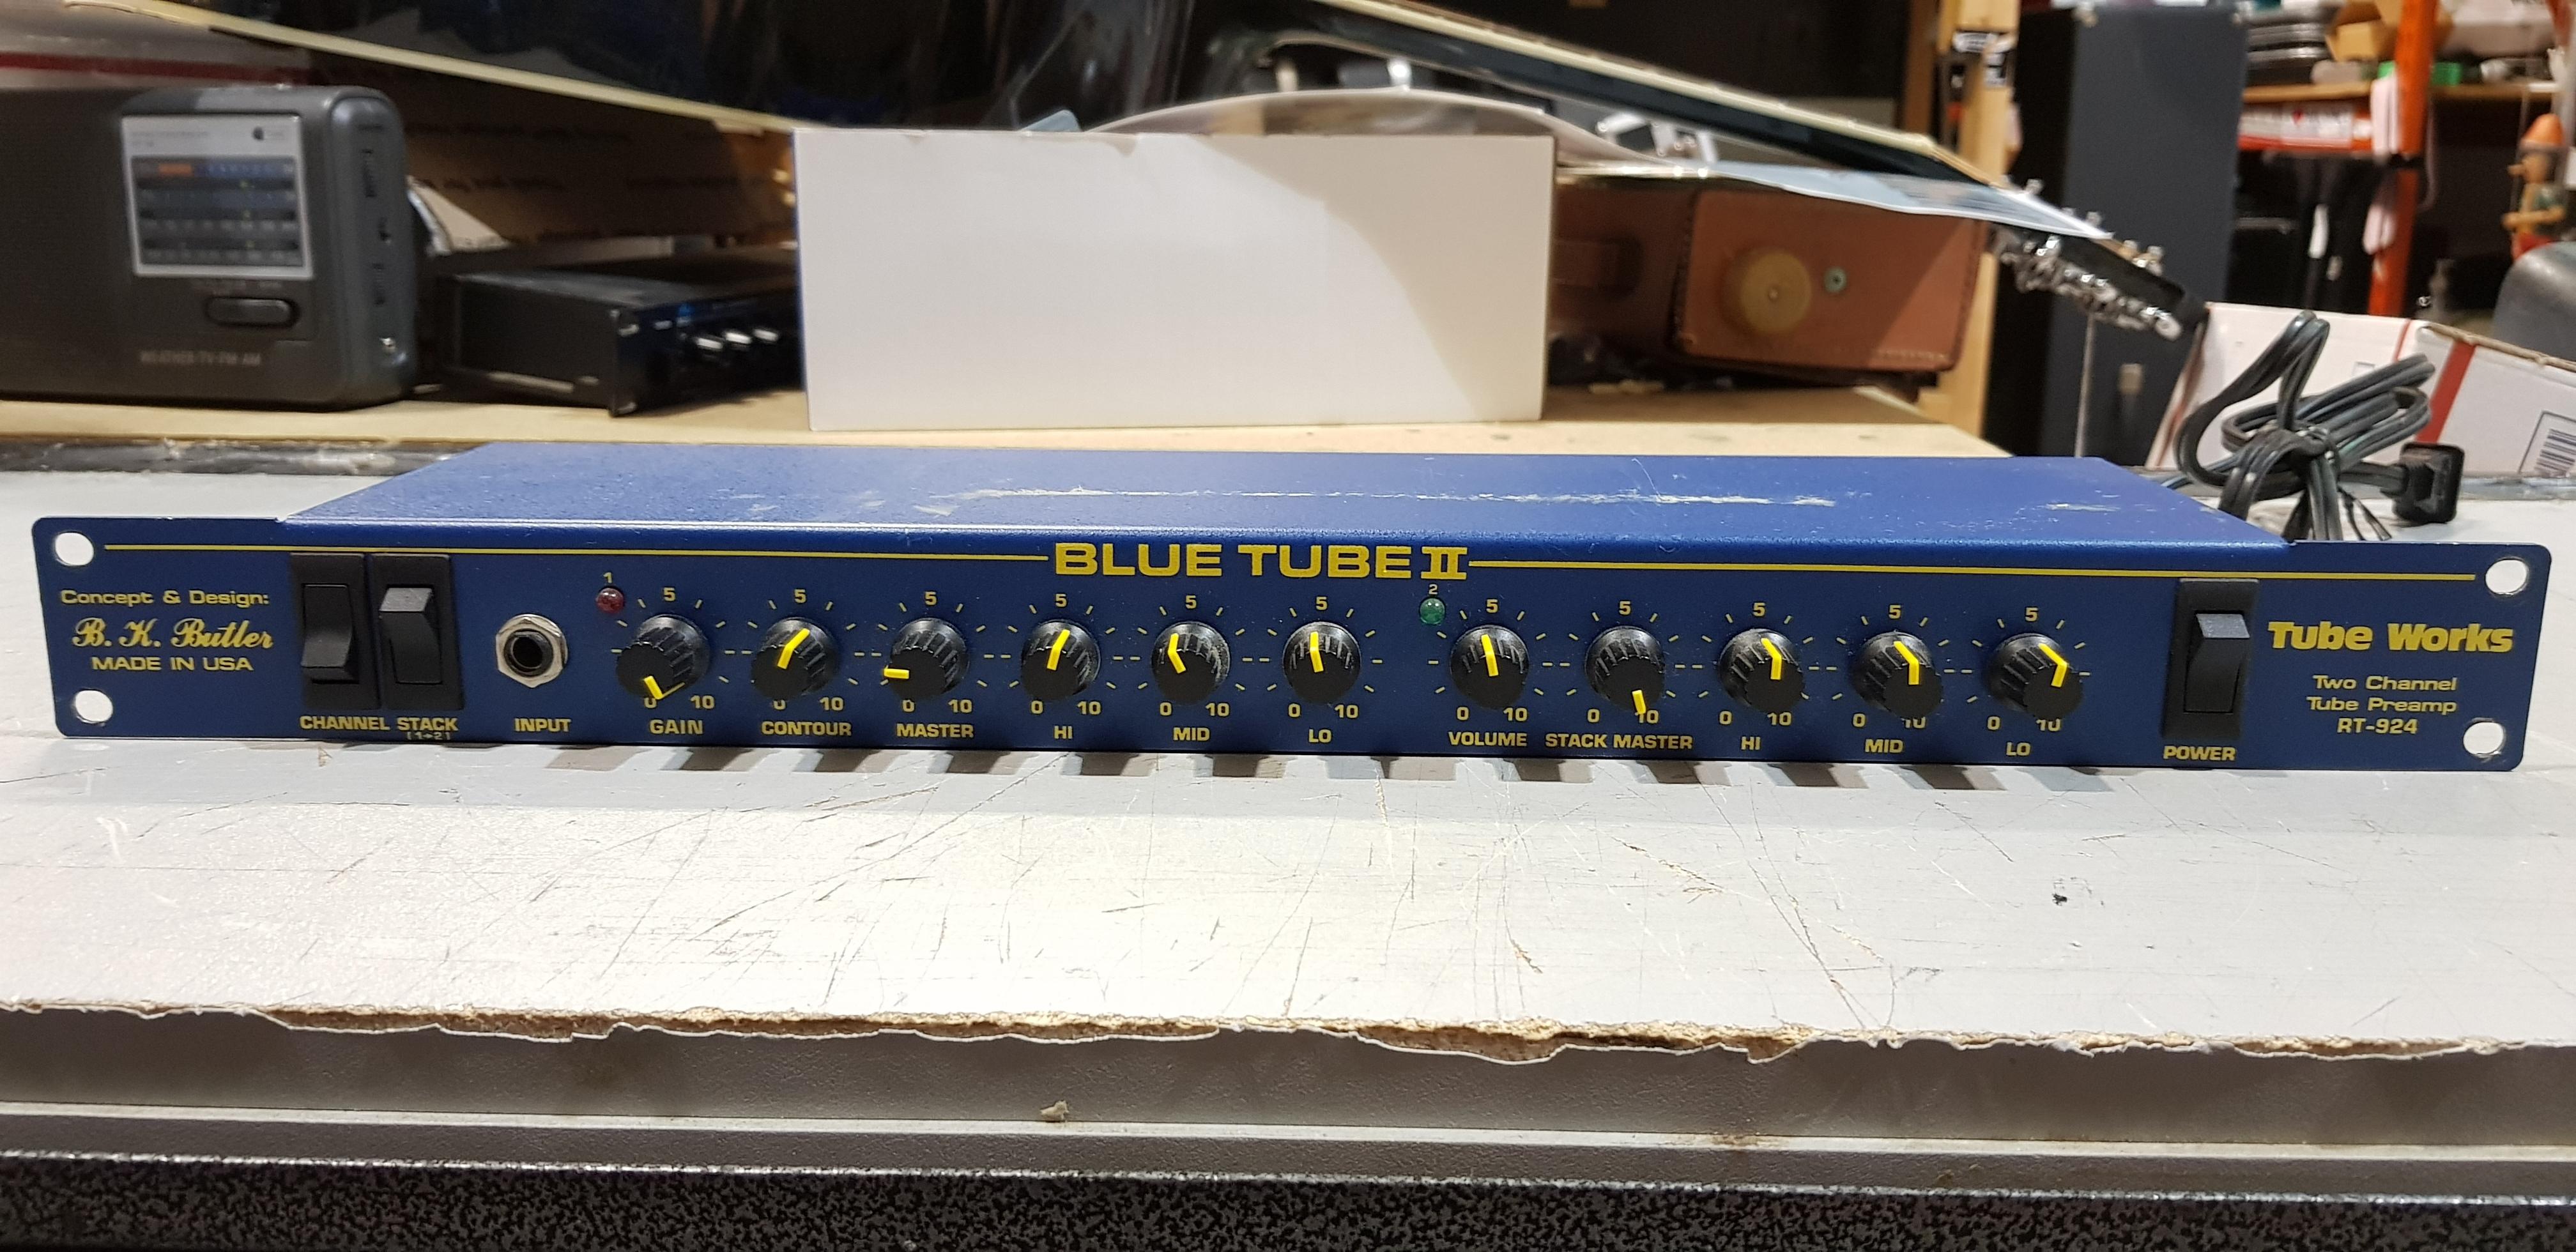 B.K. BUTLER BLUE TUBE II Two Channel Tube Preamp RT-924 Rackmount Effect Unit